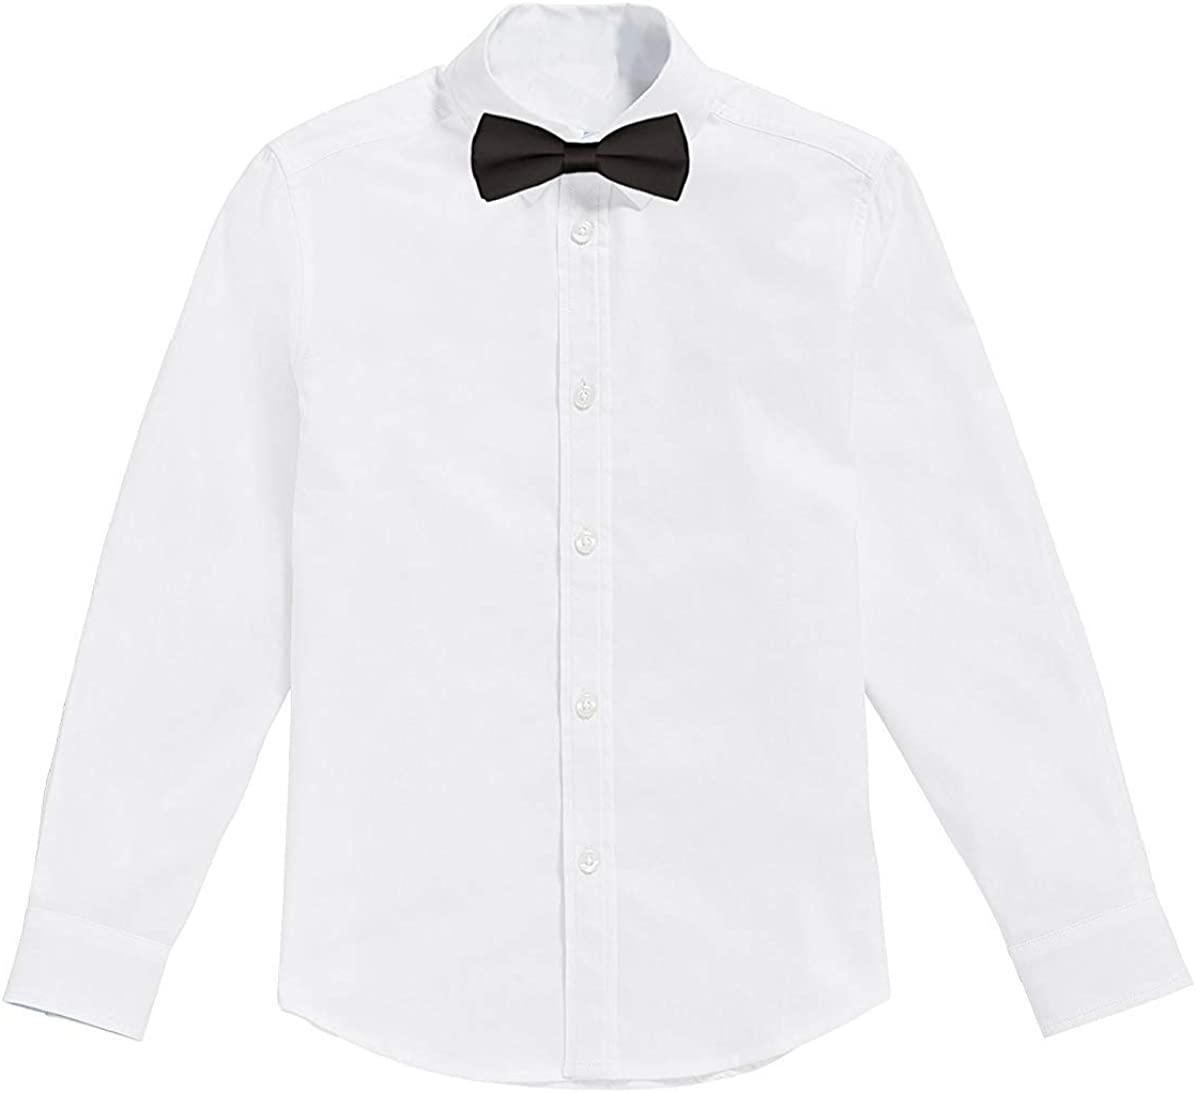 Classic - Camisa Blanca de niños con Pajarita Negro (2 años ...